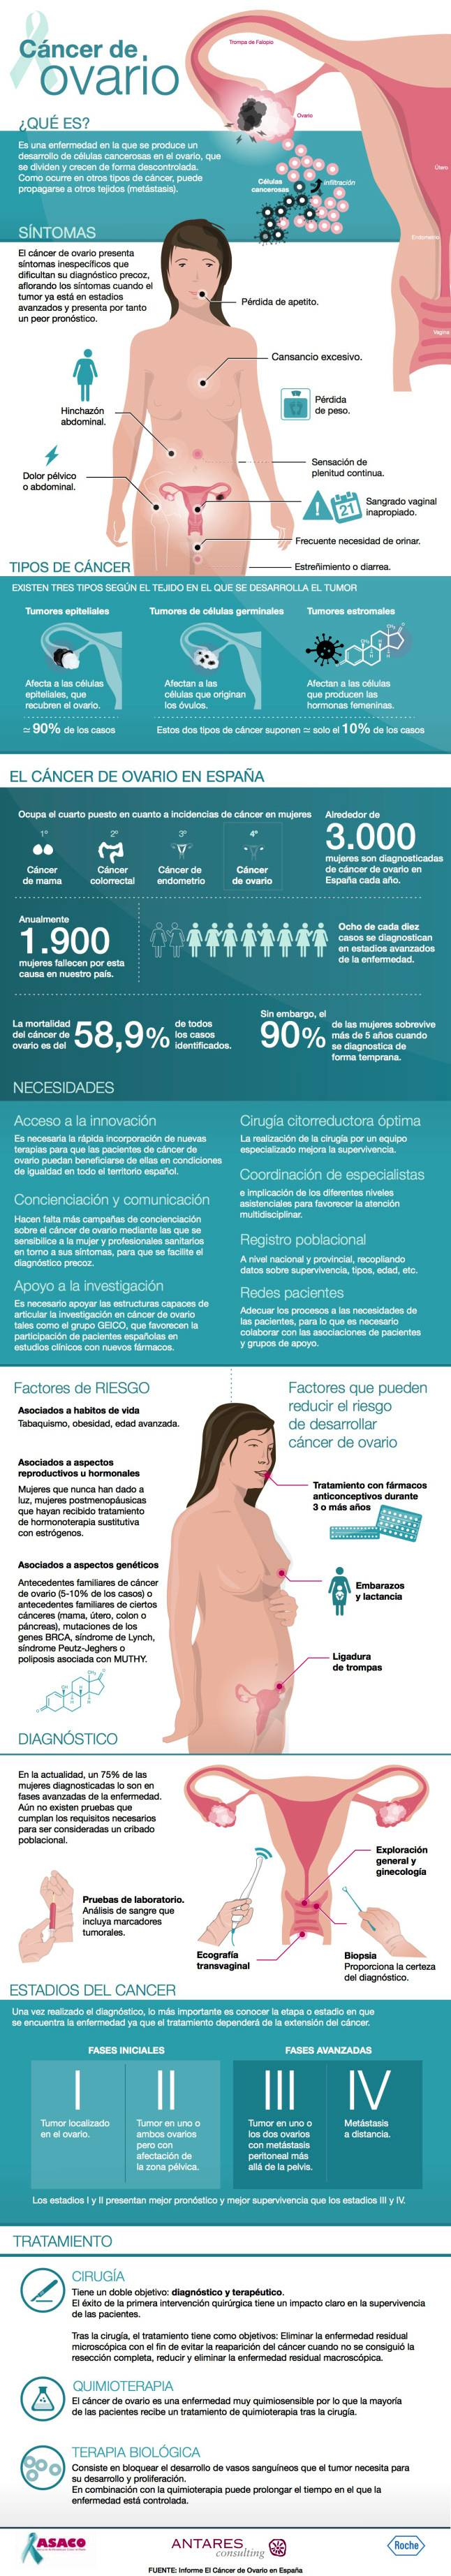 infografía cáncer de ovarios